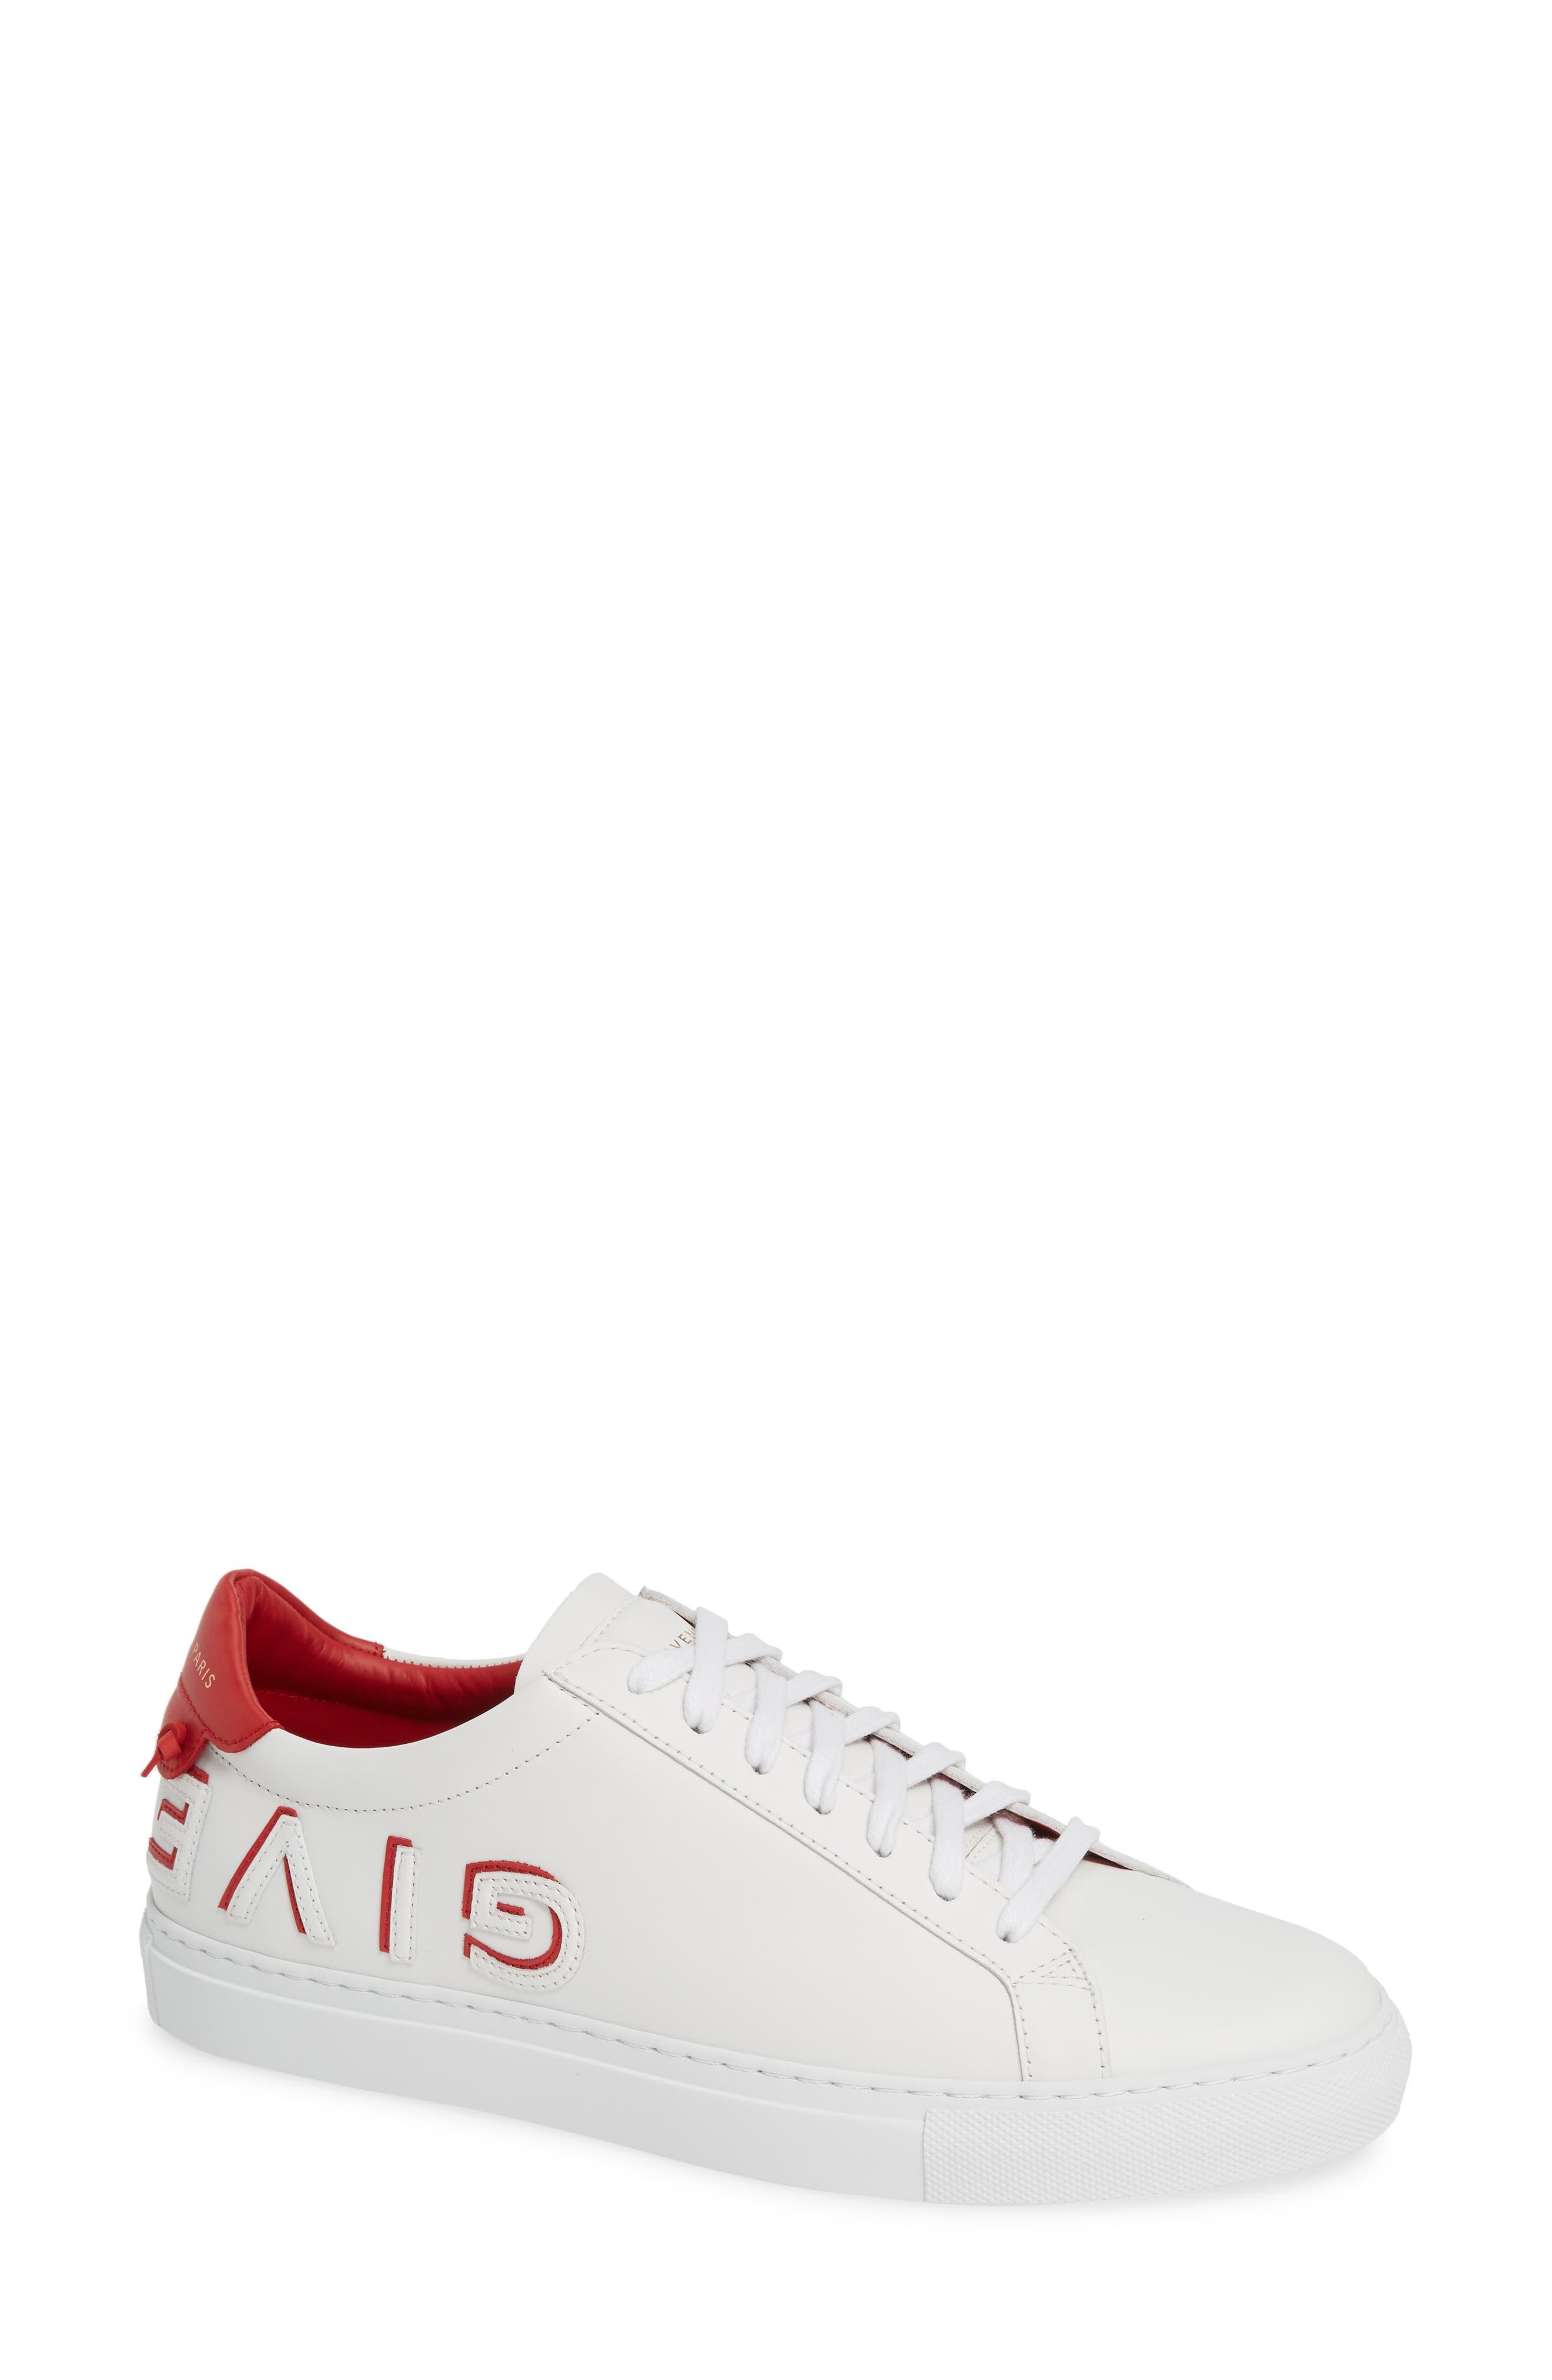 Givenchy Urban Street Logo Sneaker, White